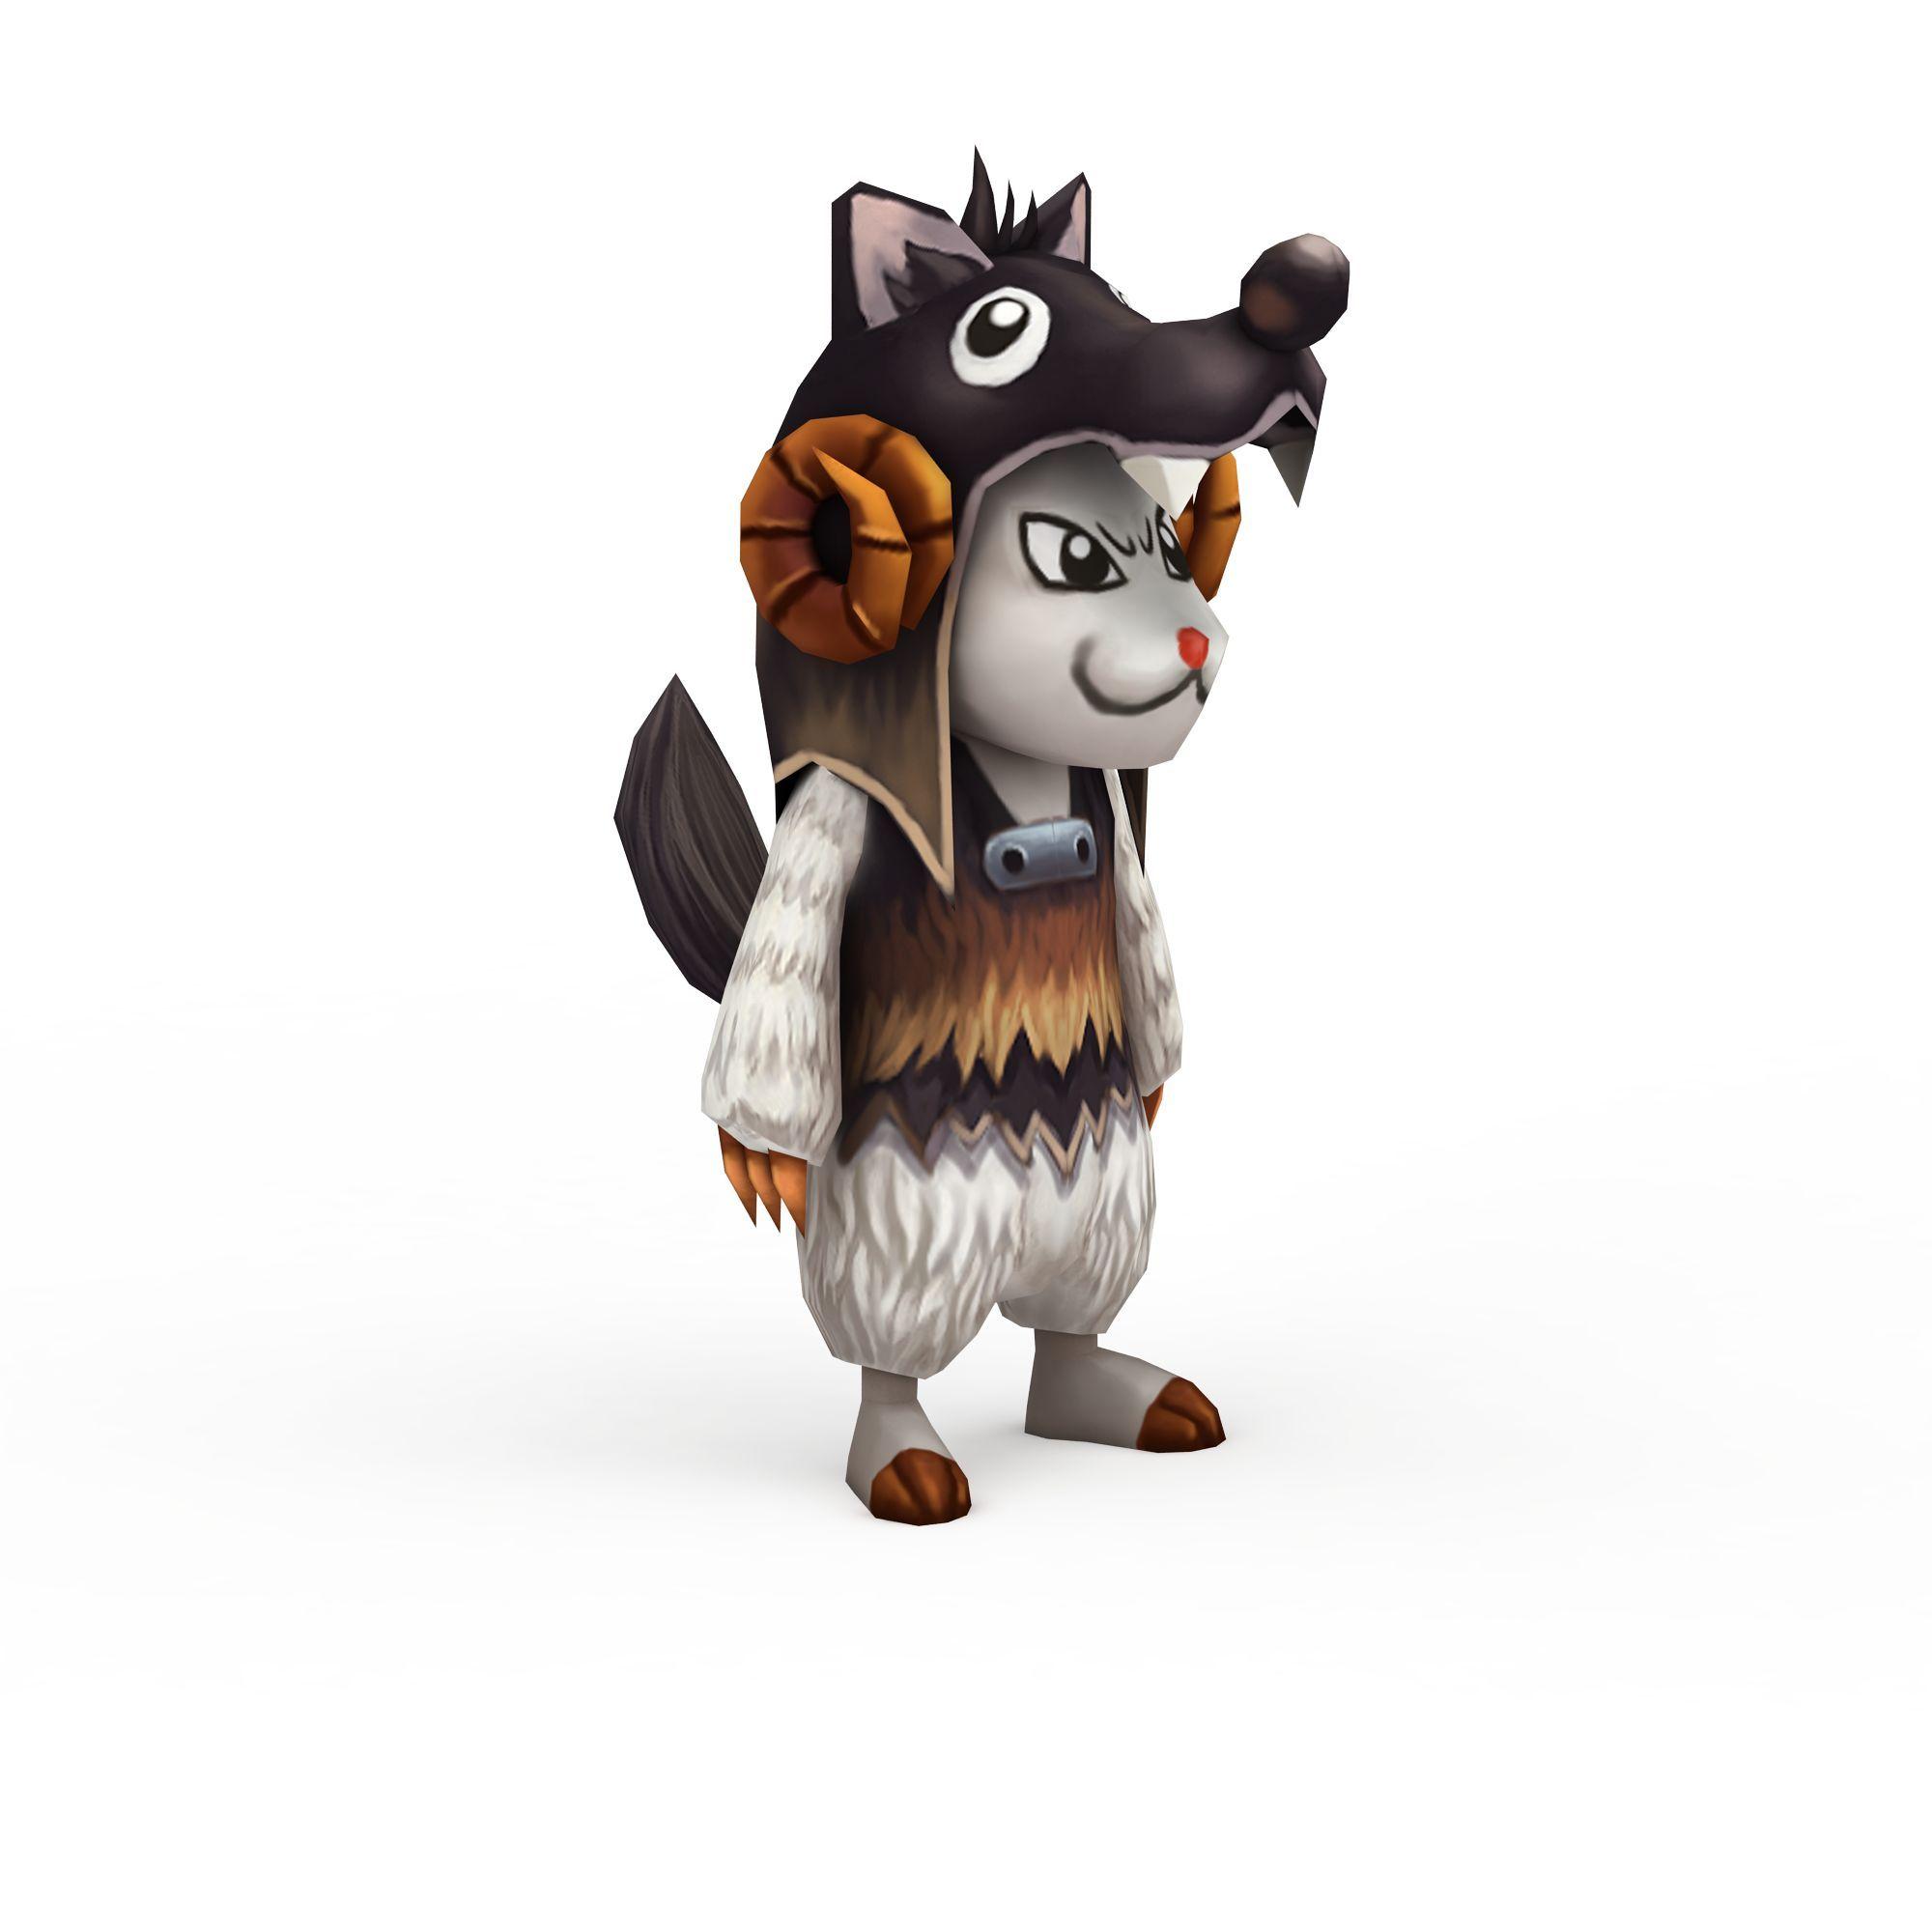 十二生肖宠物狗高清图下载